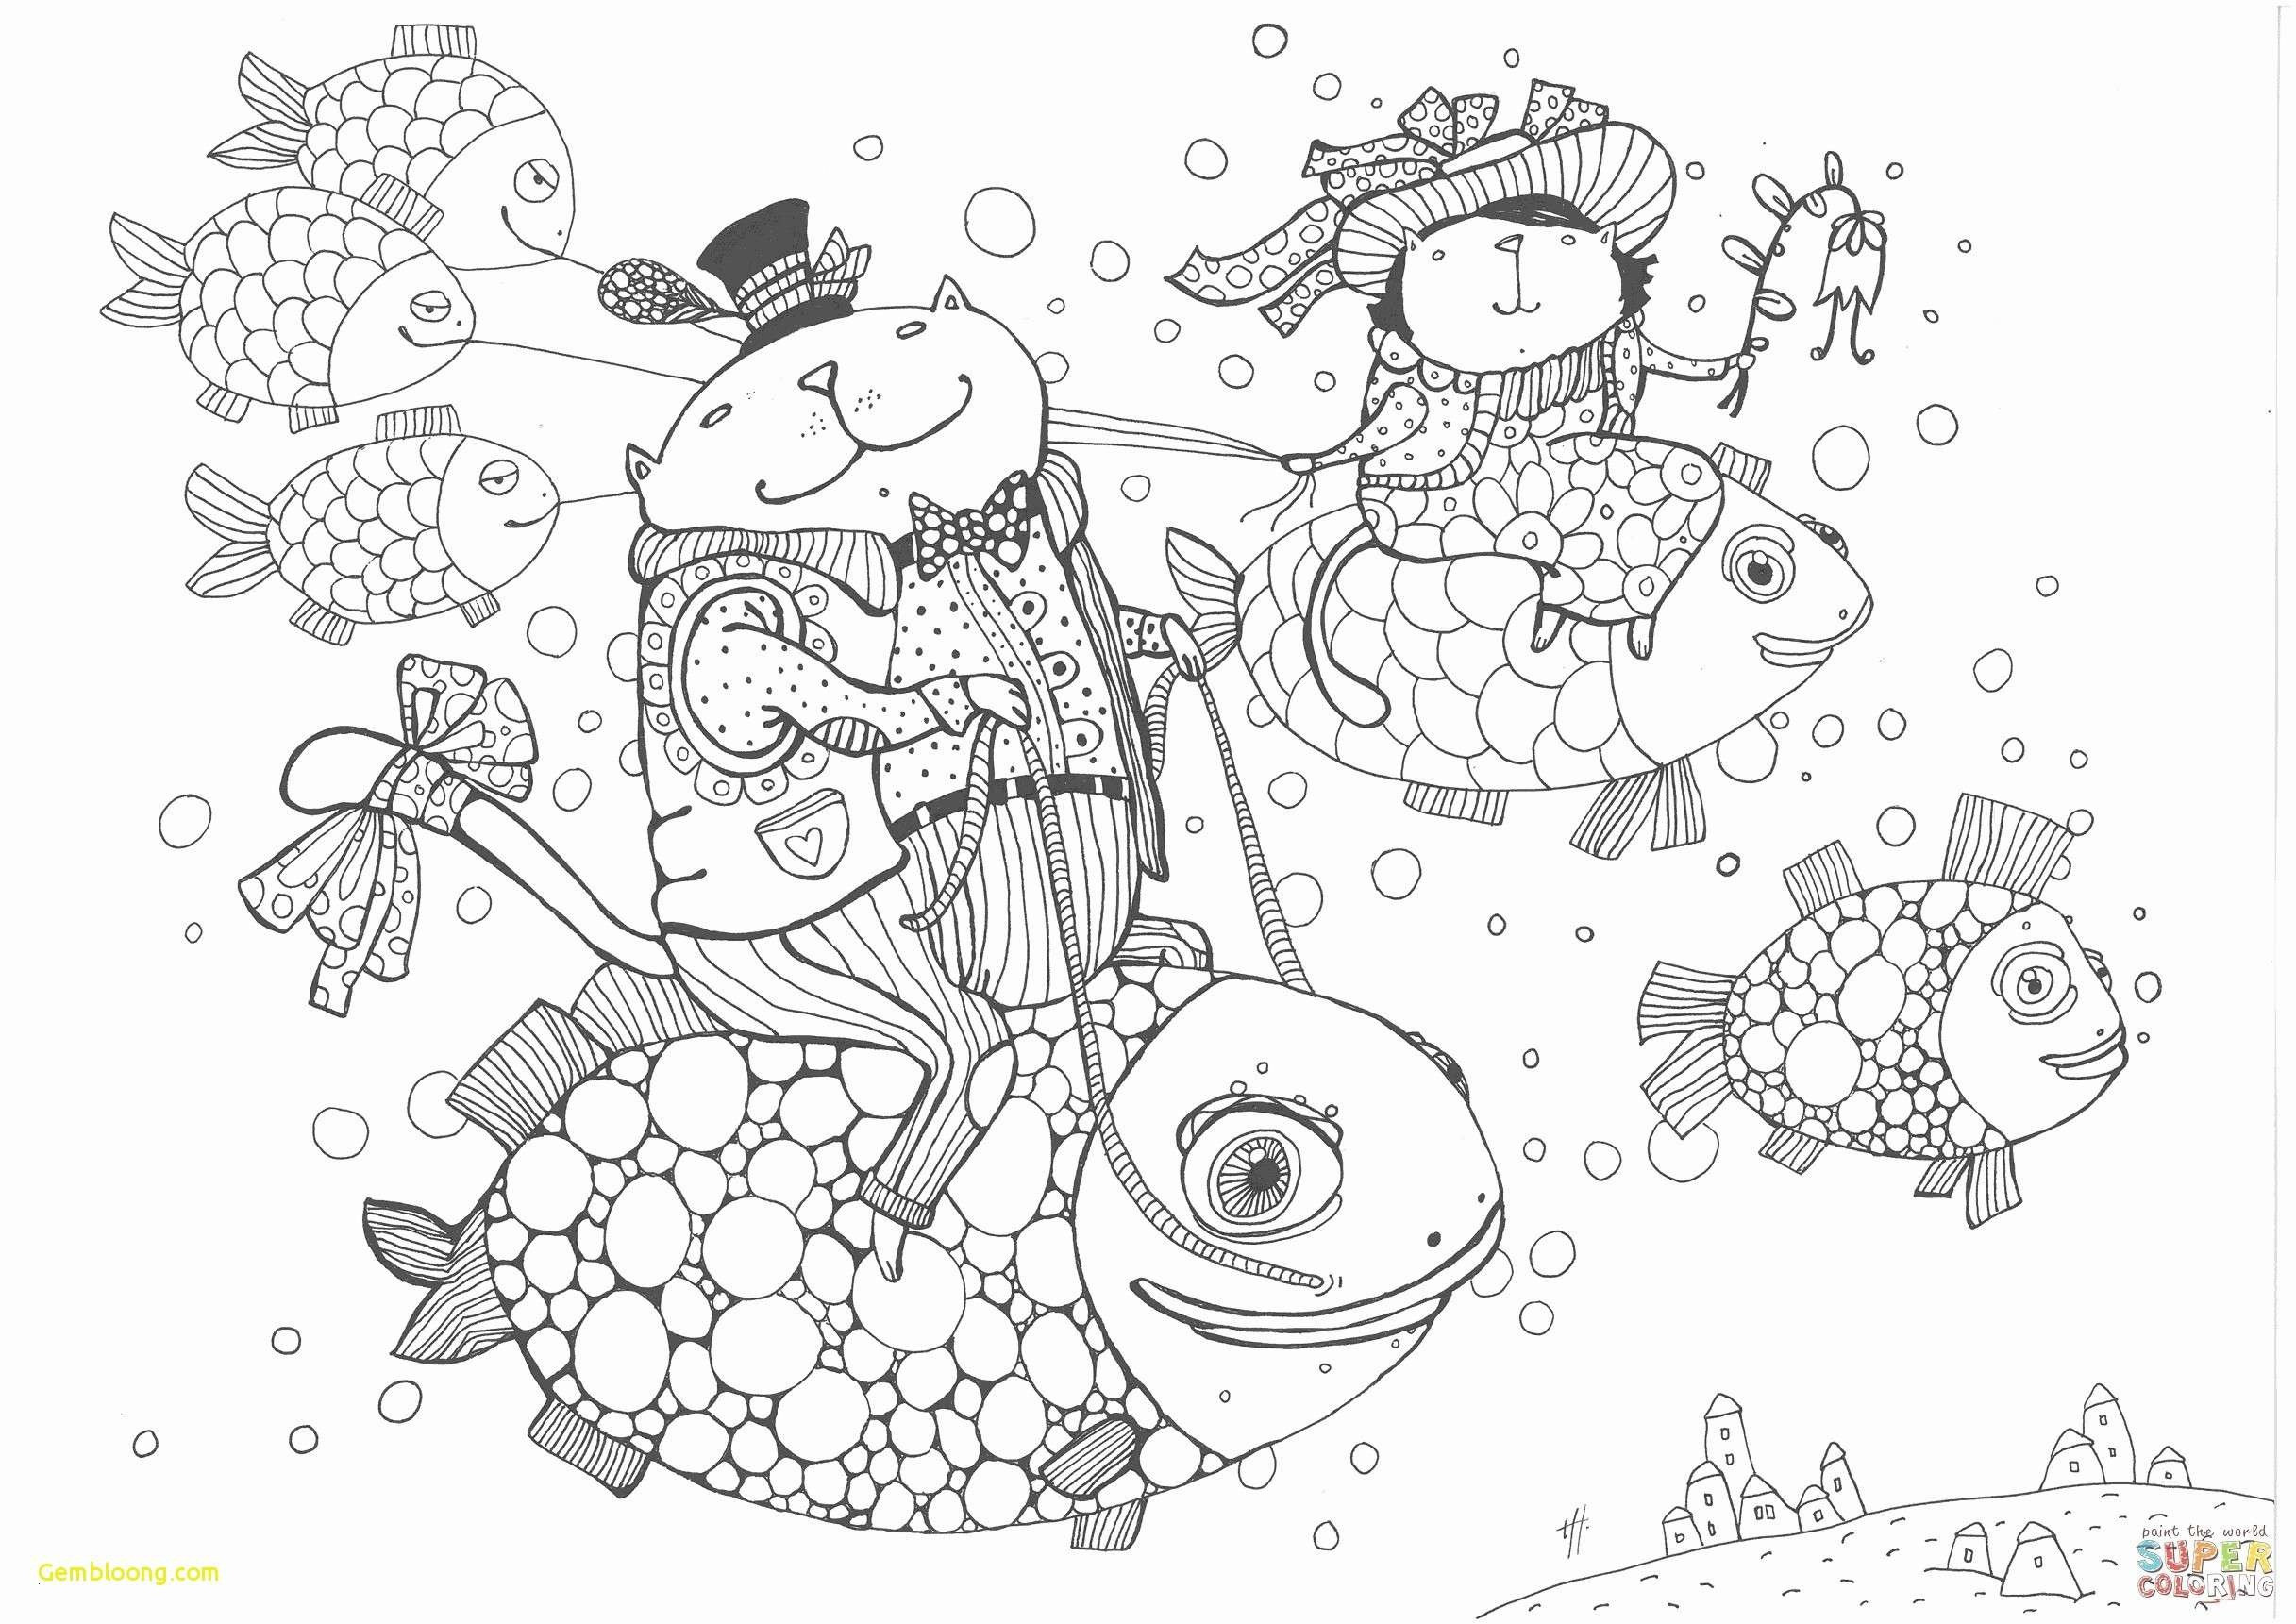 Winni Pooh Ausmalbilder Inspirierend Ausmalbilder Mario Kart 8 Uploadertalk Schön Winnie Pooh Malvorlagen Fotografieren